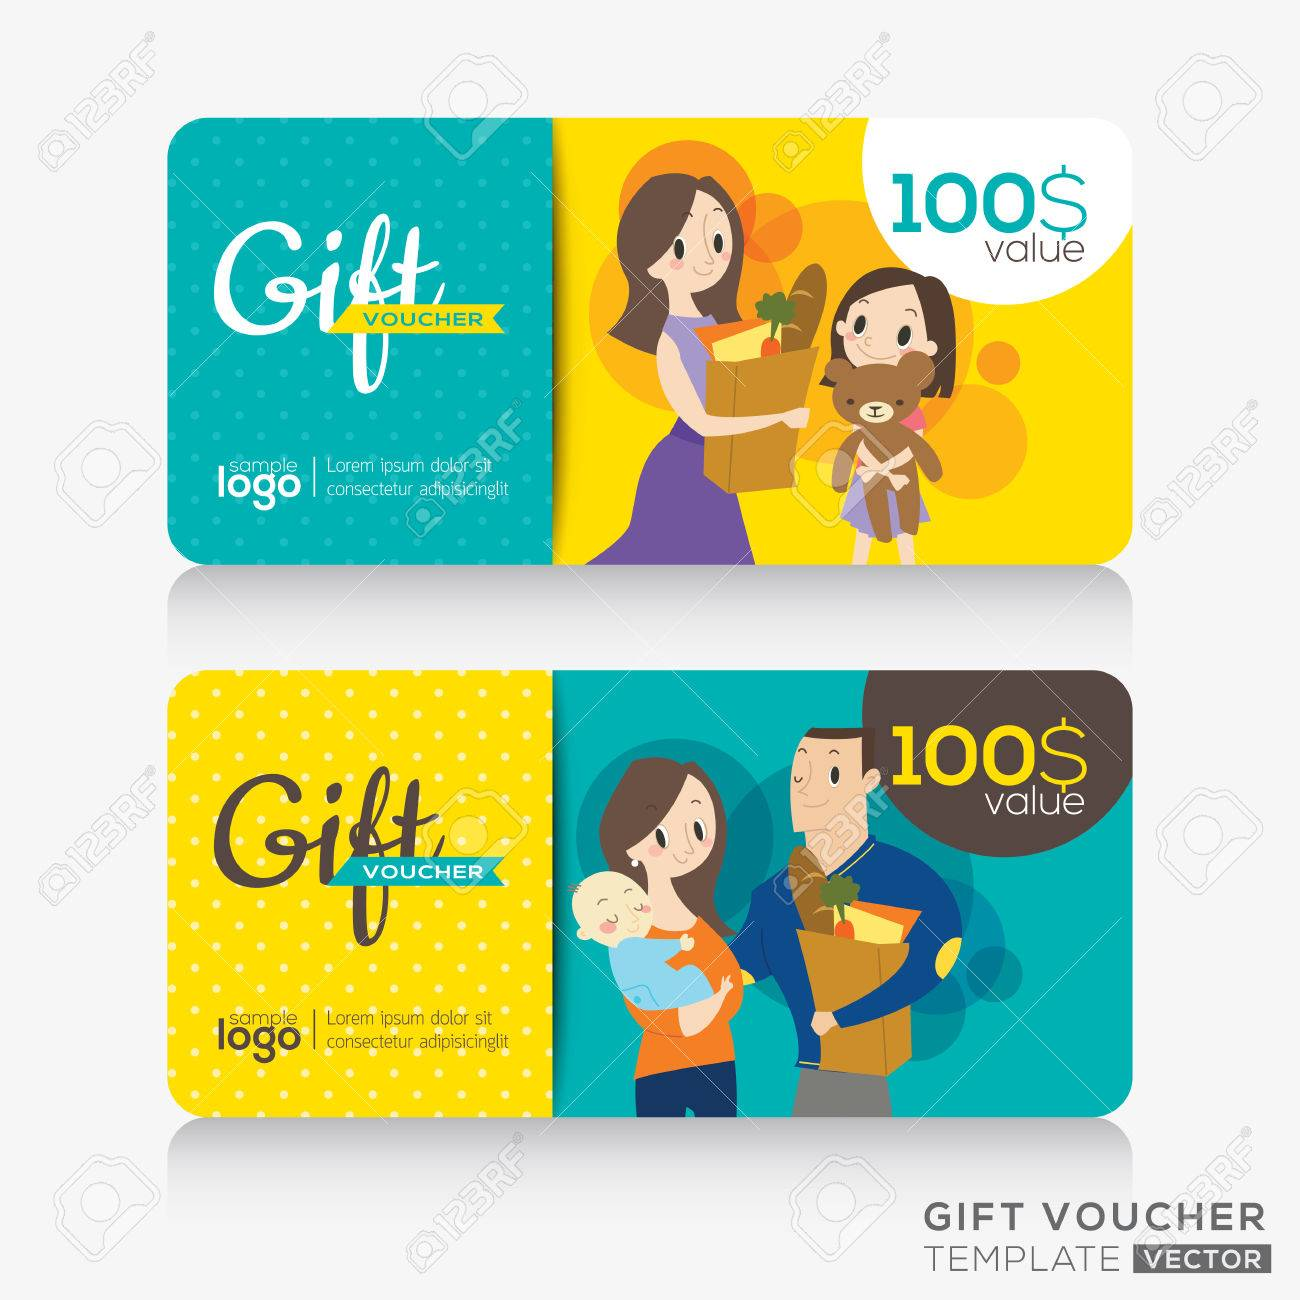 スーパー クーポン券またはギフト カード デザイン テンプレート買い物